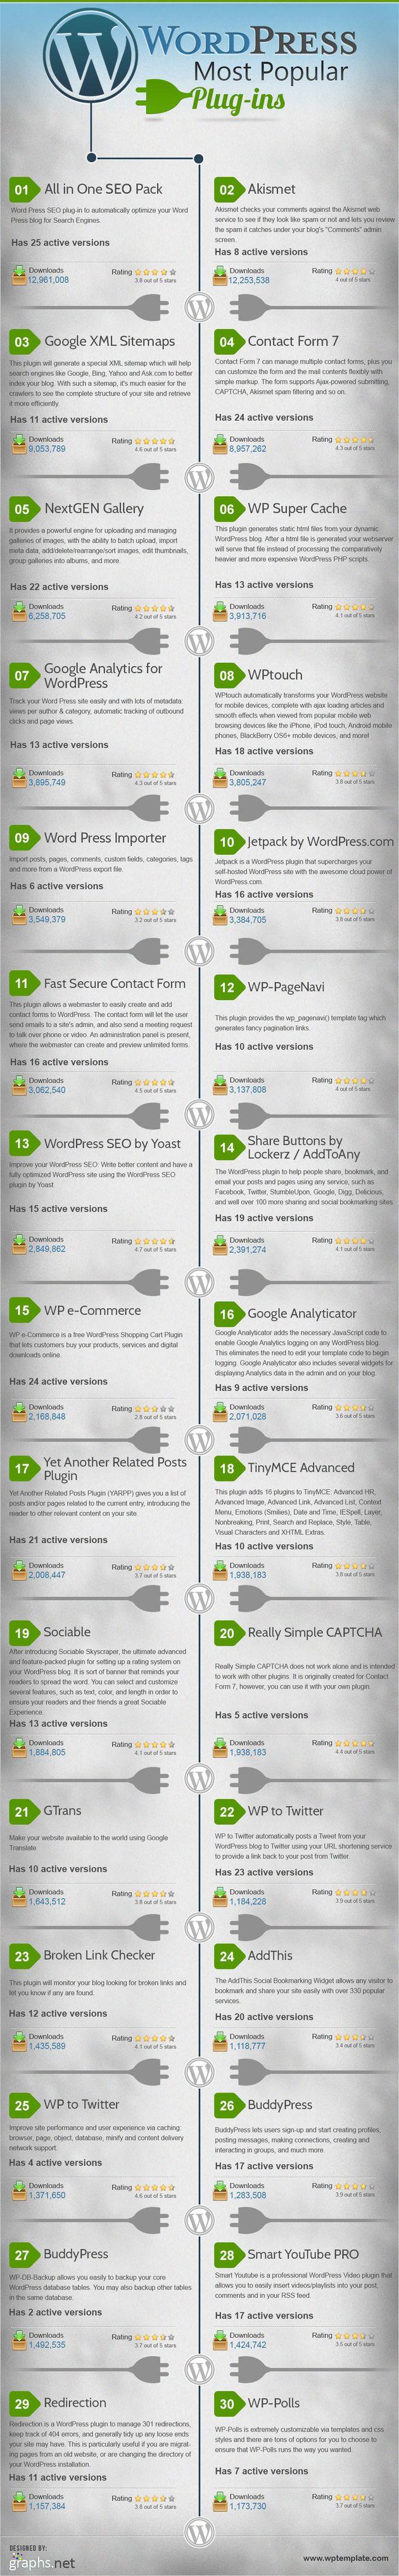 Interesante infografía que nos muestra los 30 plugins más empleados en WordPress